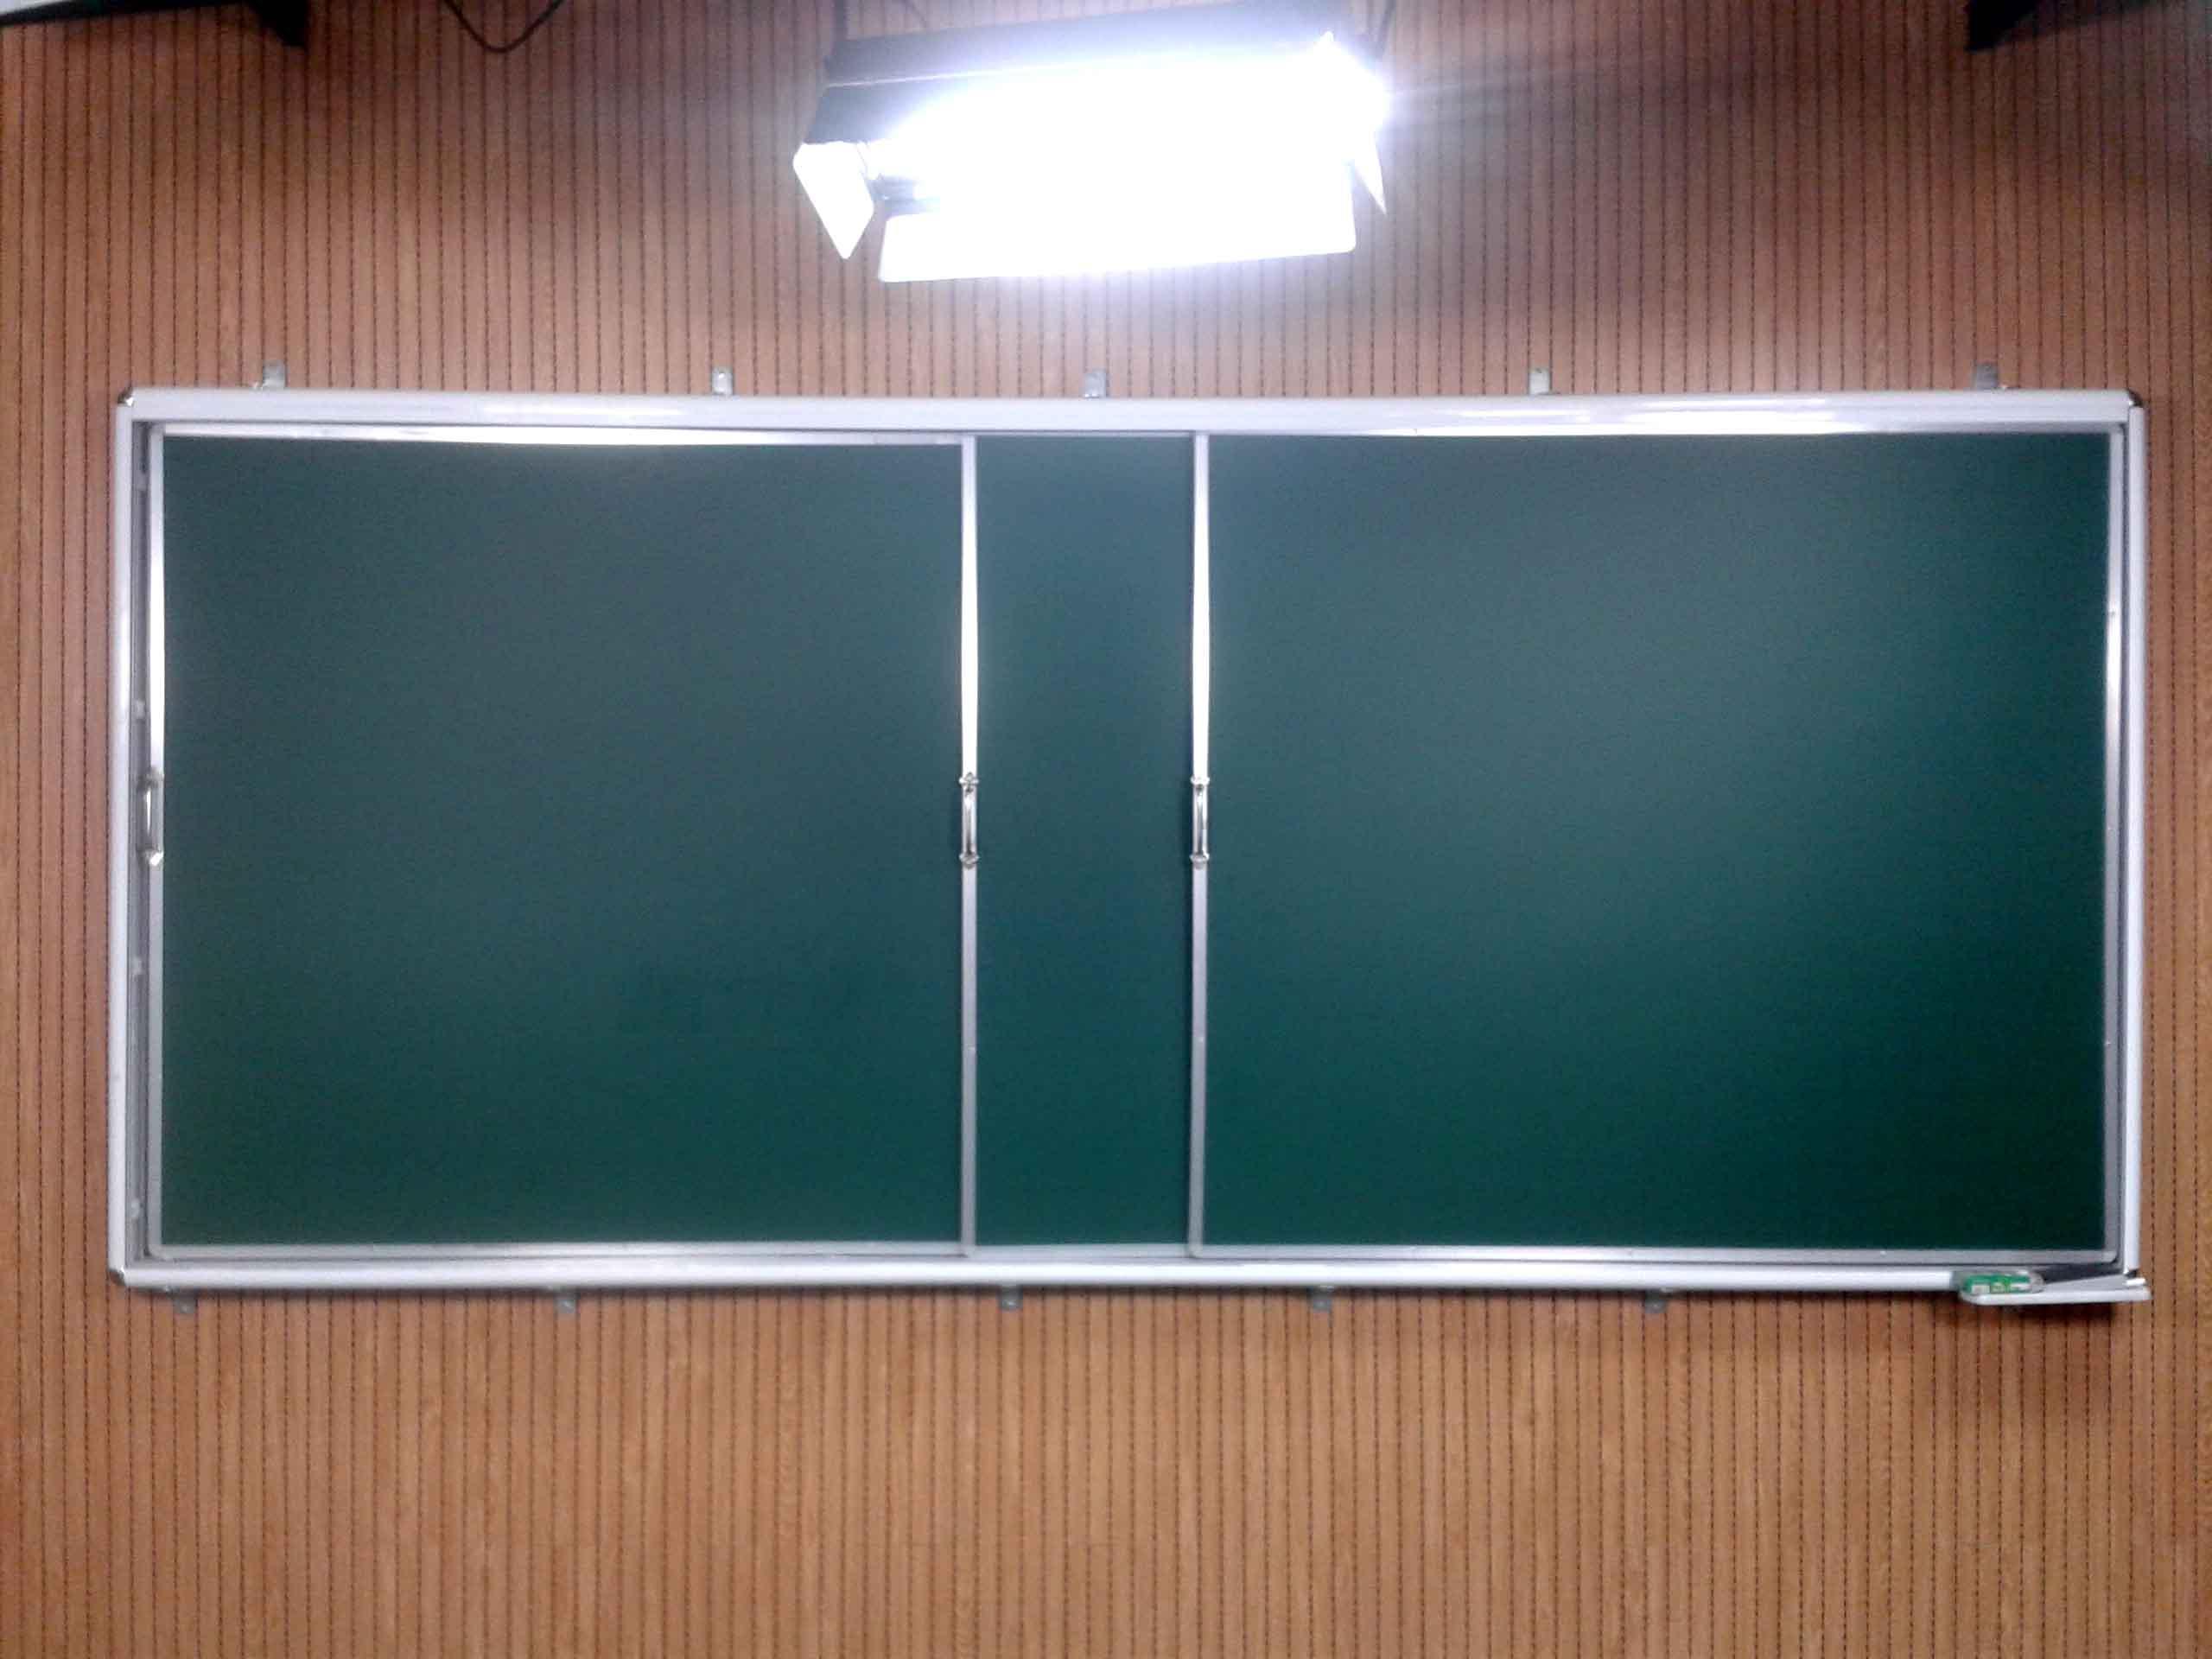 bảng trượt kéo nhiều lớp